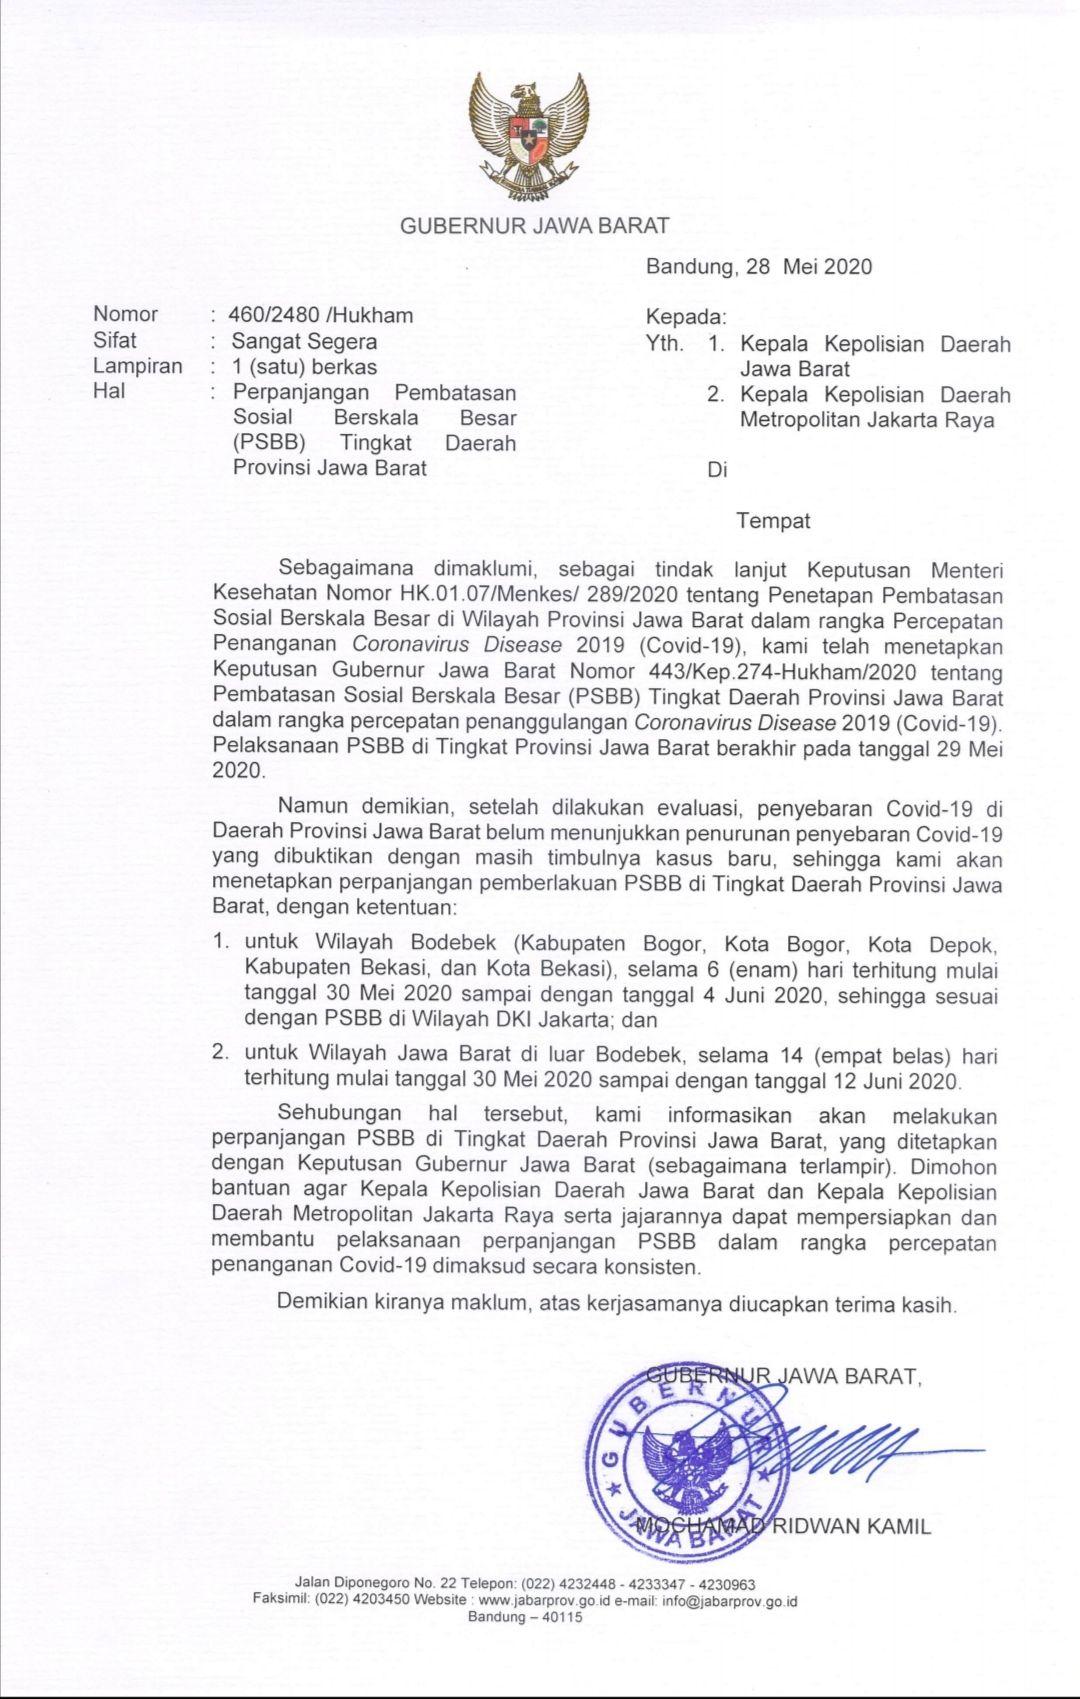 Surat putusan Gubernur terkait perpanjang PSBB Bandung